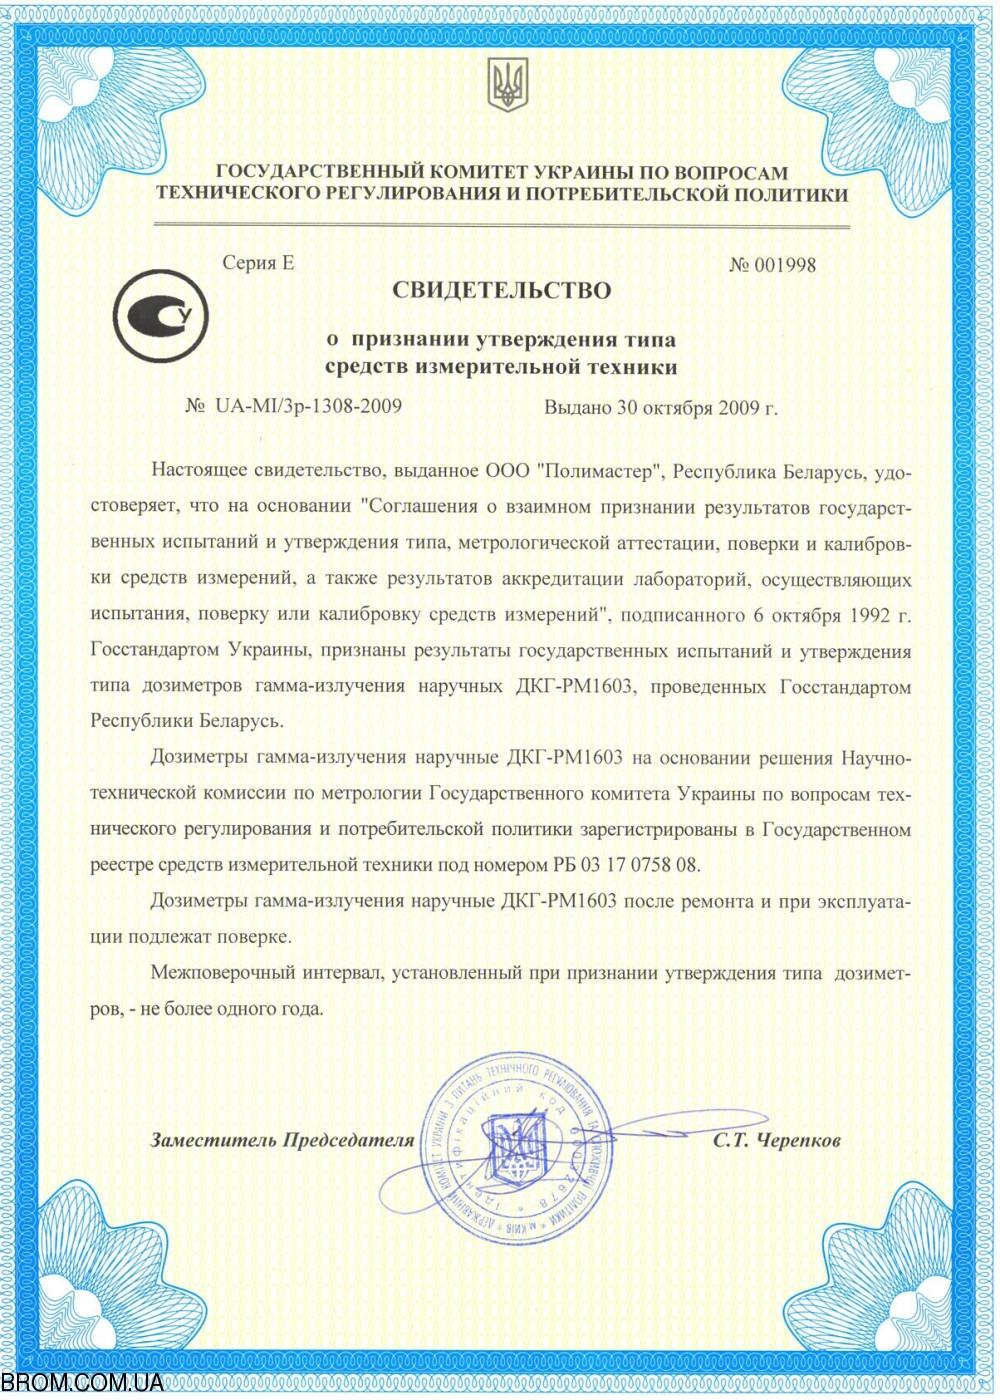 Дозиметр гамма-излучения наручный ДКГ-РМ1603В - 4